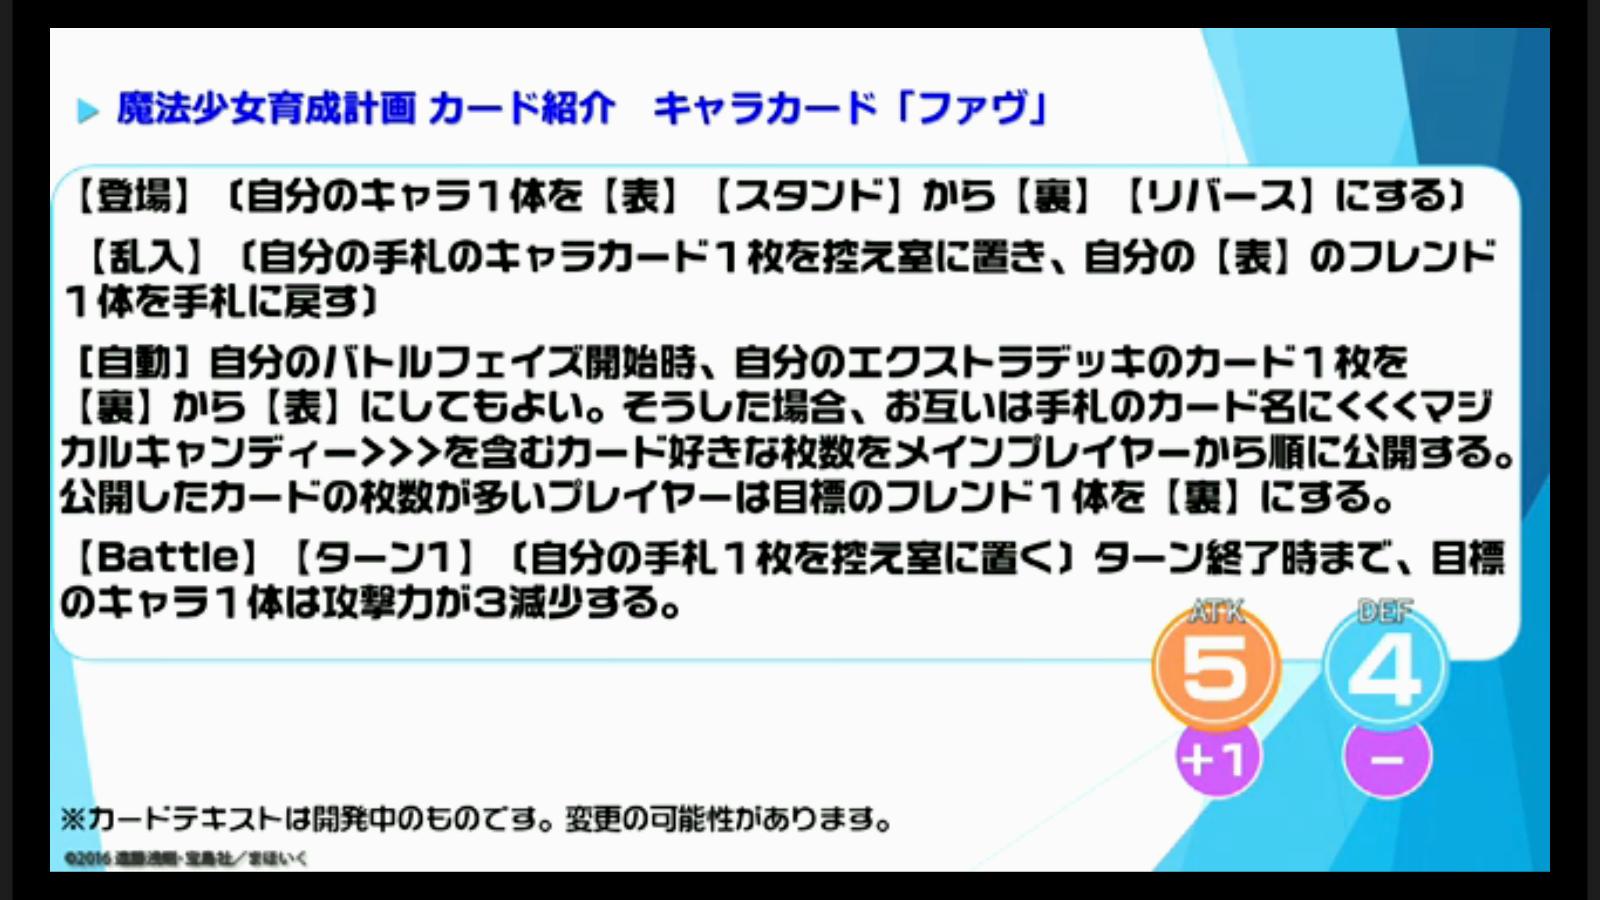 bshi-live-170112-010.jpg